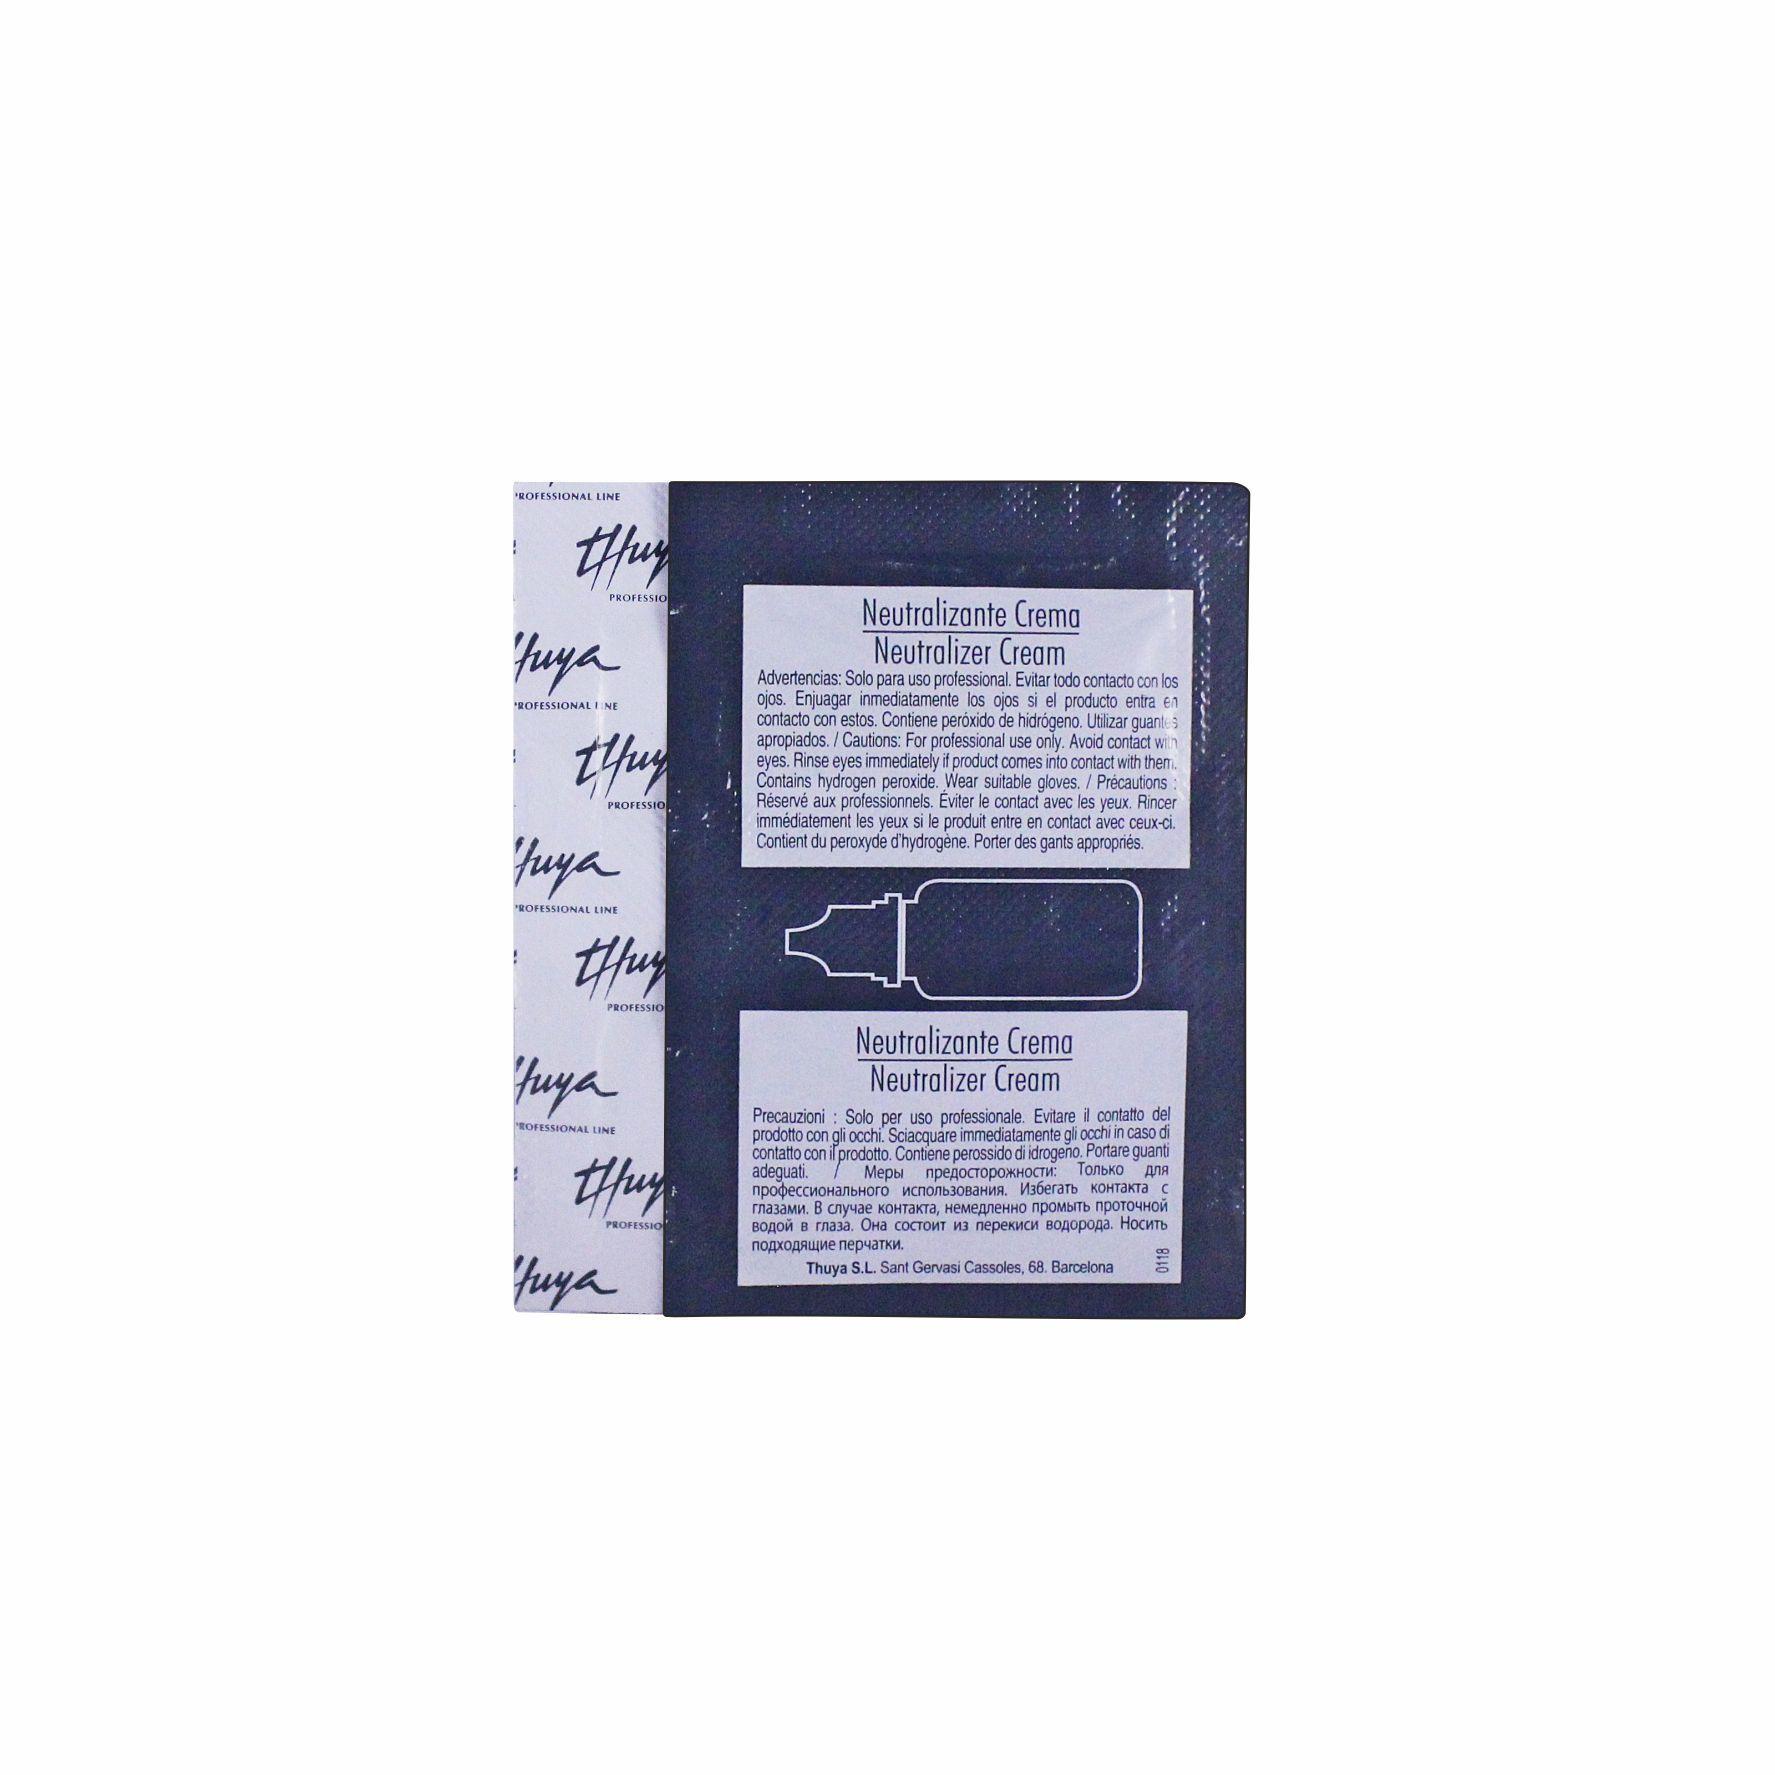 Thuya - Саше для ламинирования ресниц. Шаг 2 —  Нейтрализатор крем  для ресниц, 2 мл